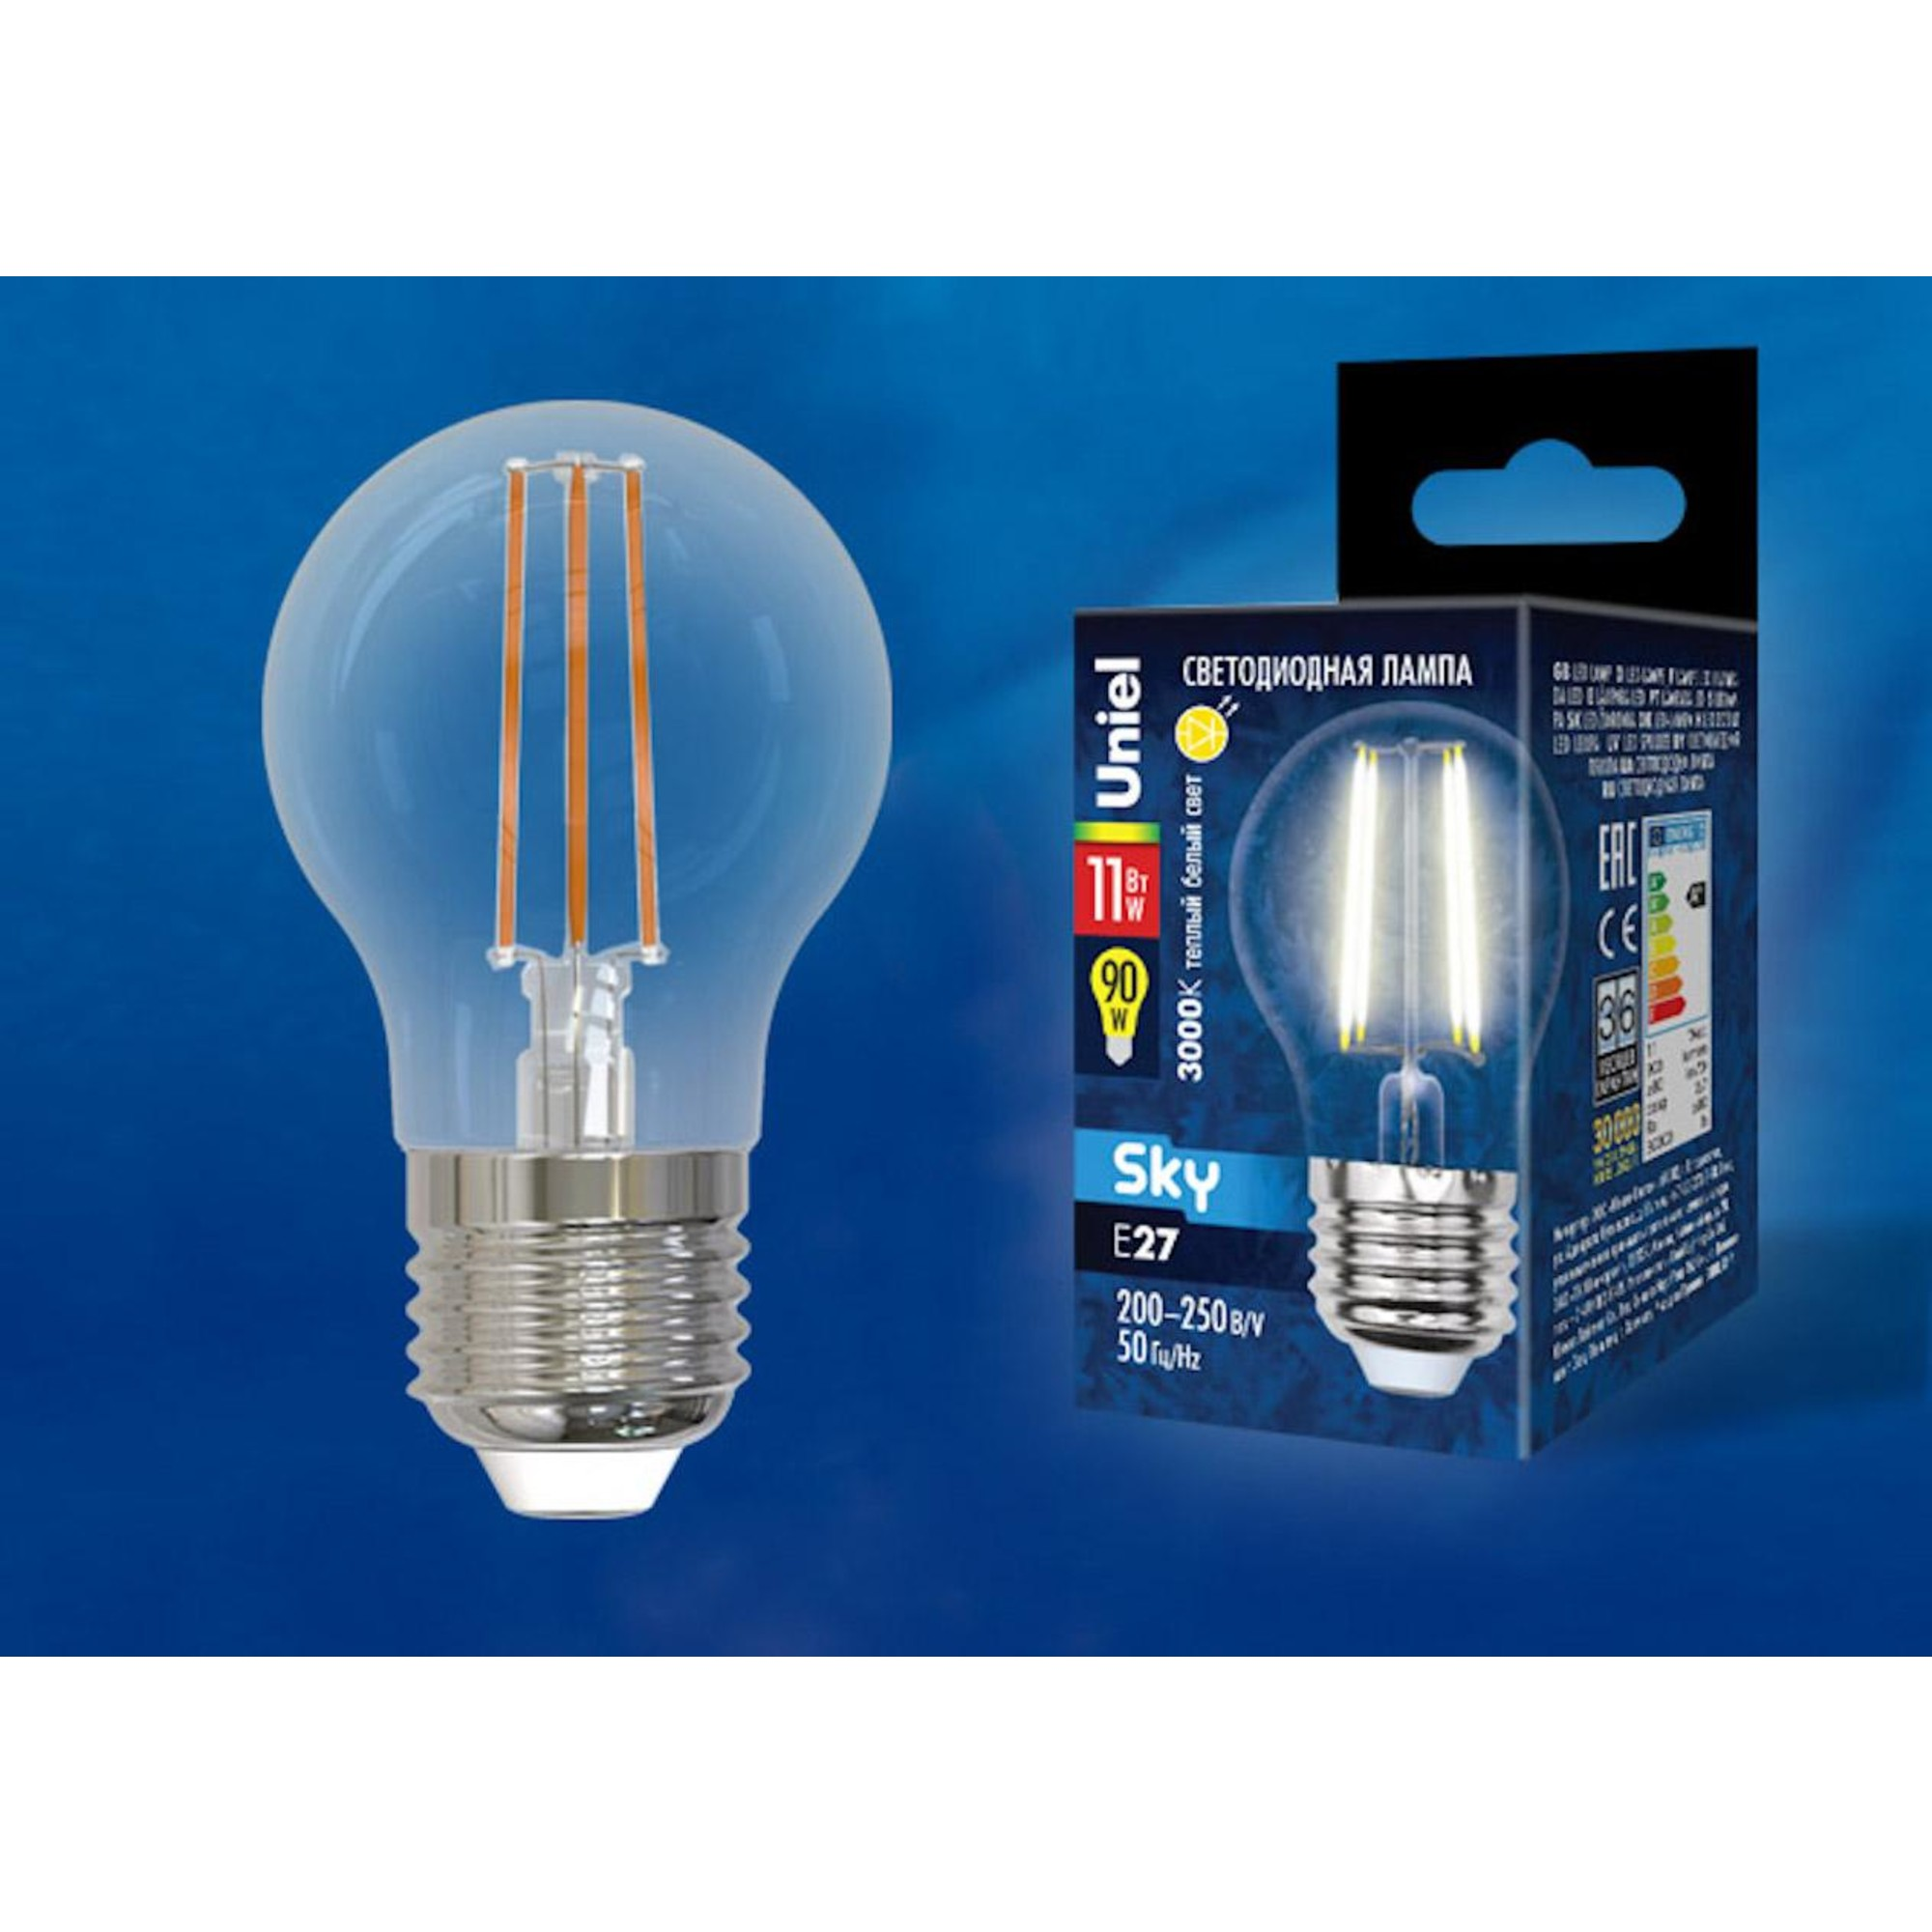 Светодиодная лампочка Uniel UL-00005178 E27 900 Лм 11 Вт